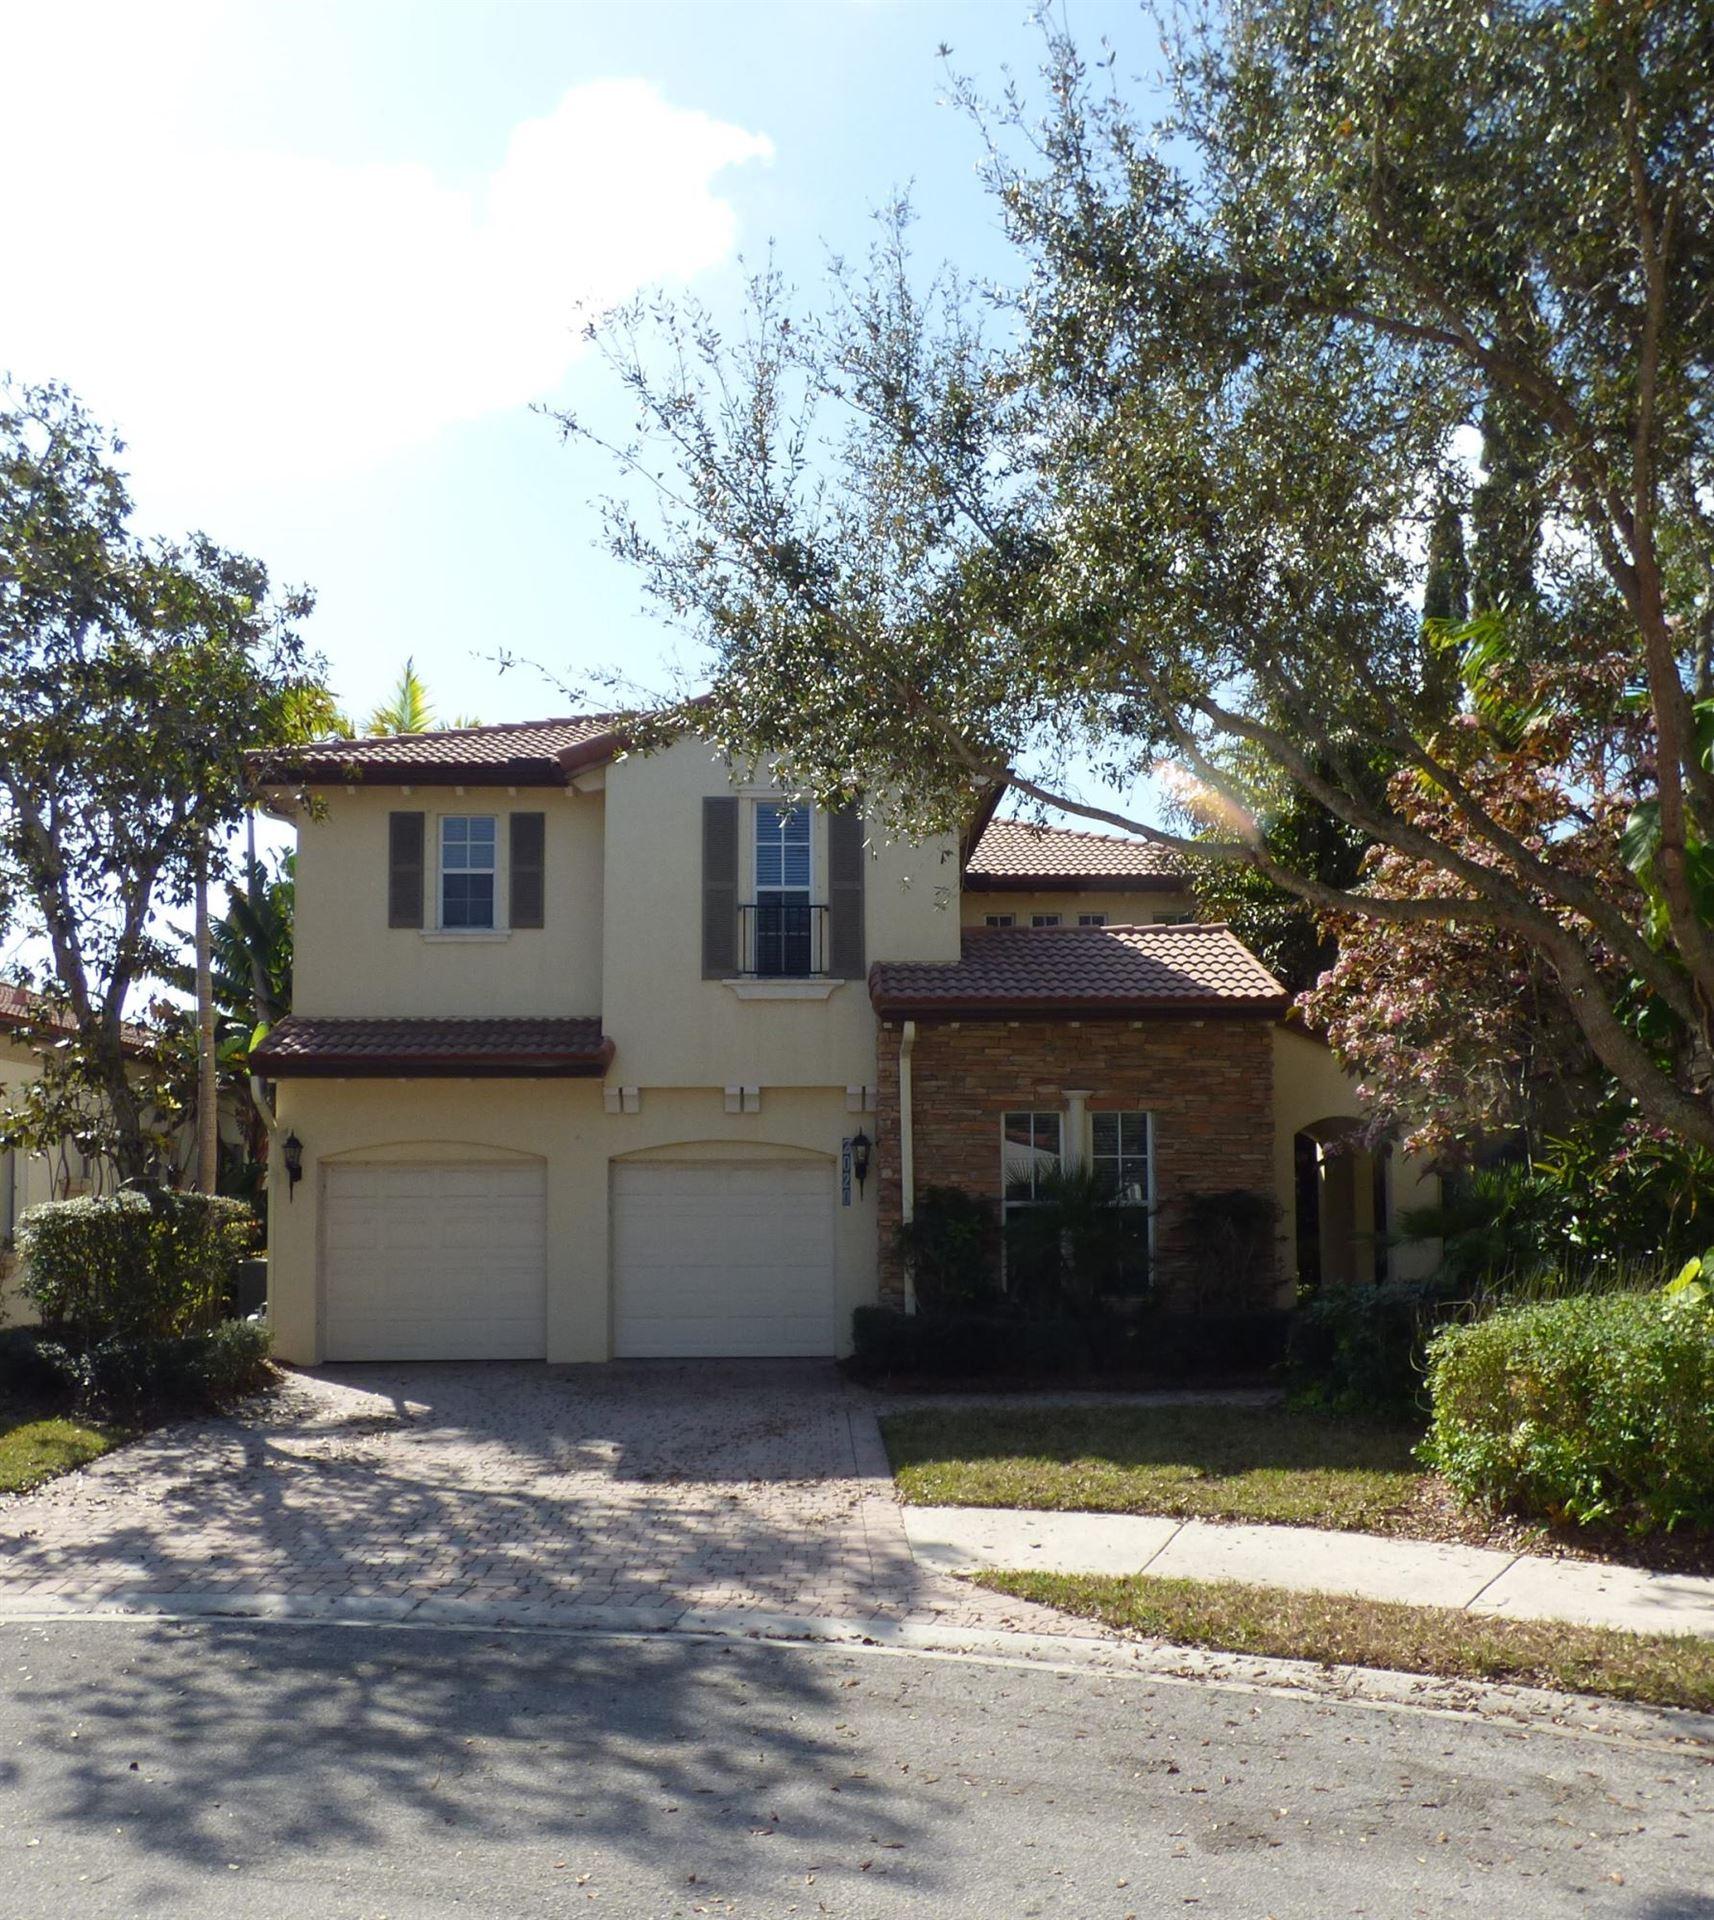 2020 Graden Drive, Palm Beach Gardens, FL 33410 - #: RX-10691234